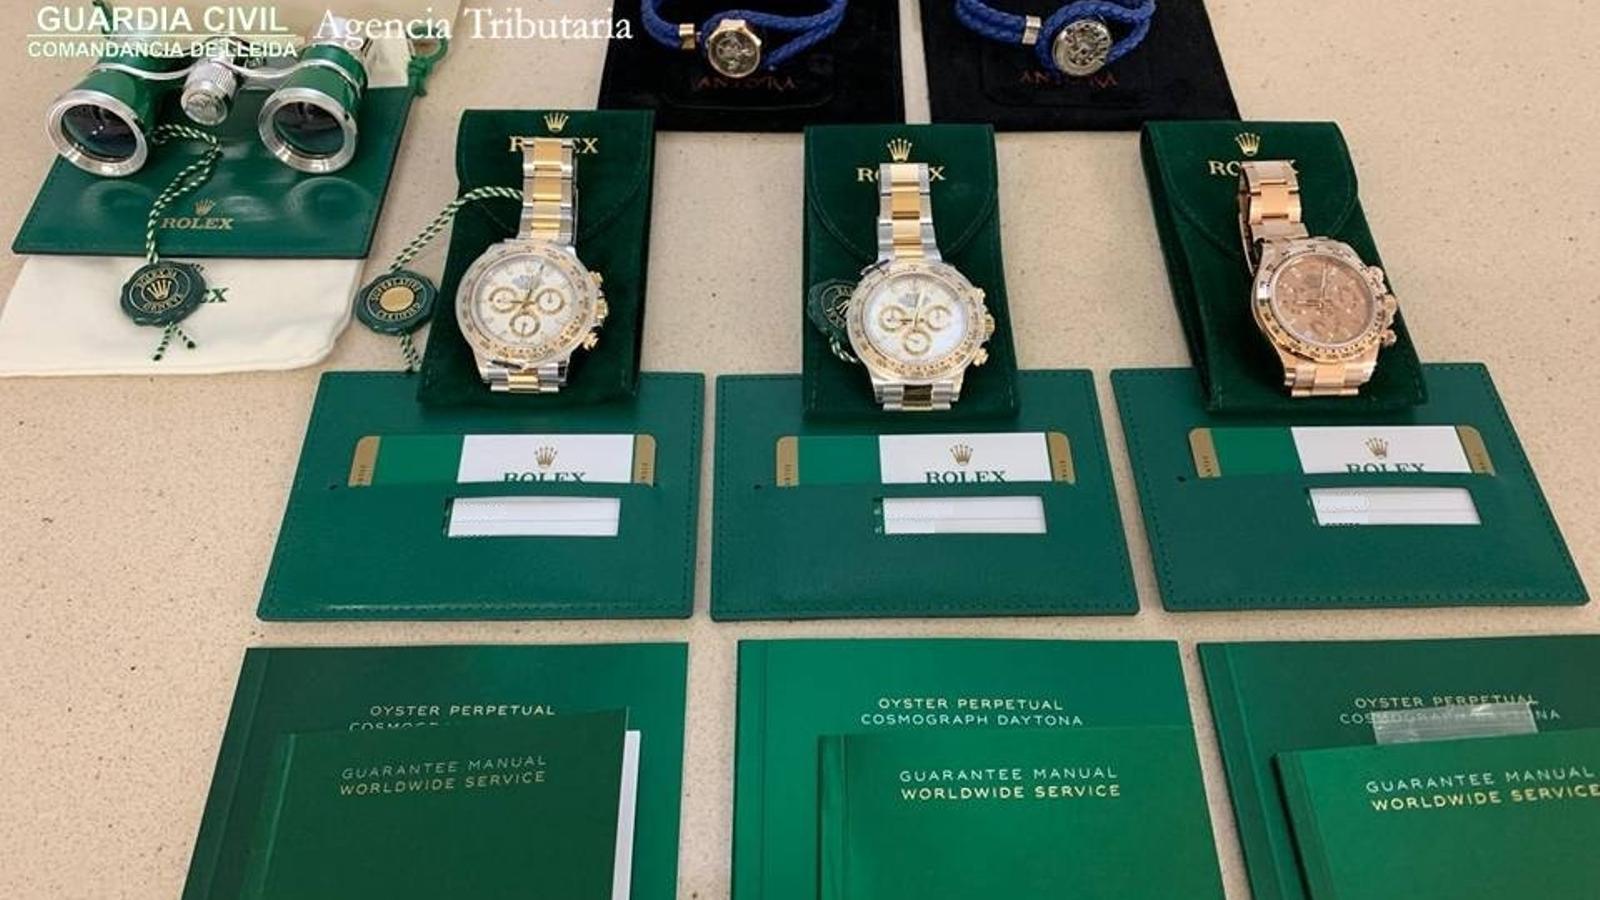 Els tres rellotges Rolex comissats a la duana de la Farga de Moles. / GUÀRDIA CIVIL